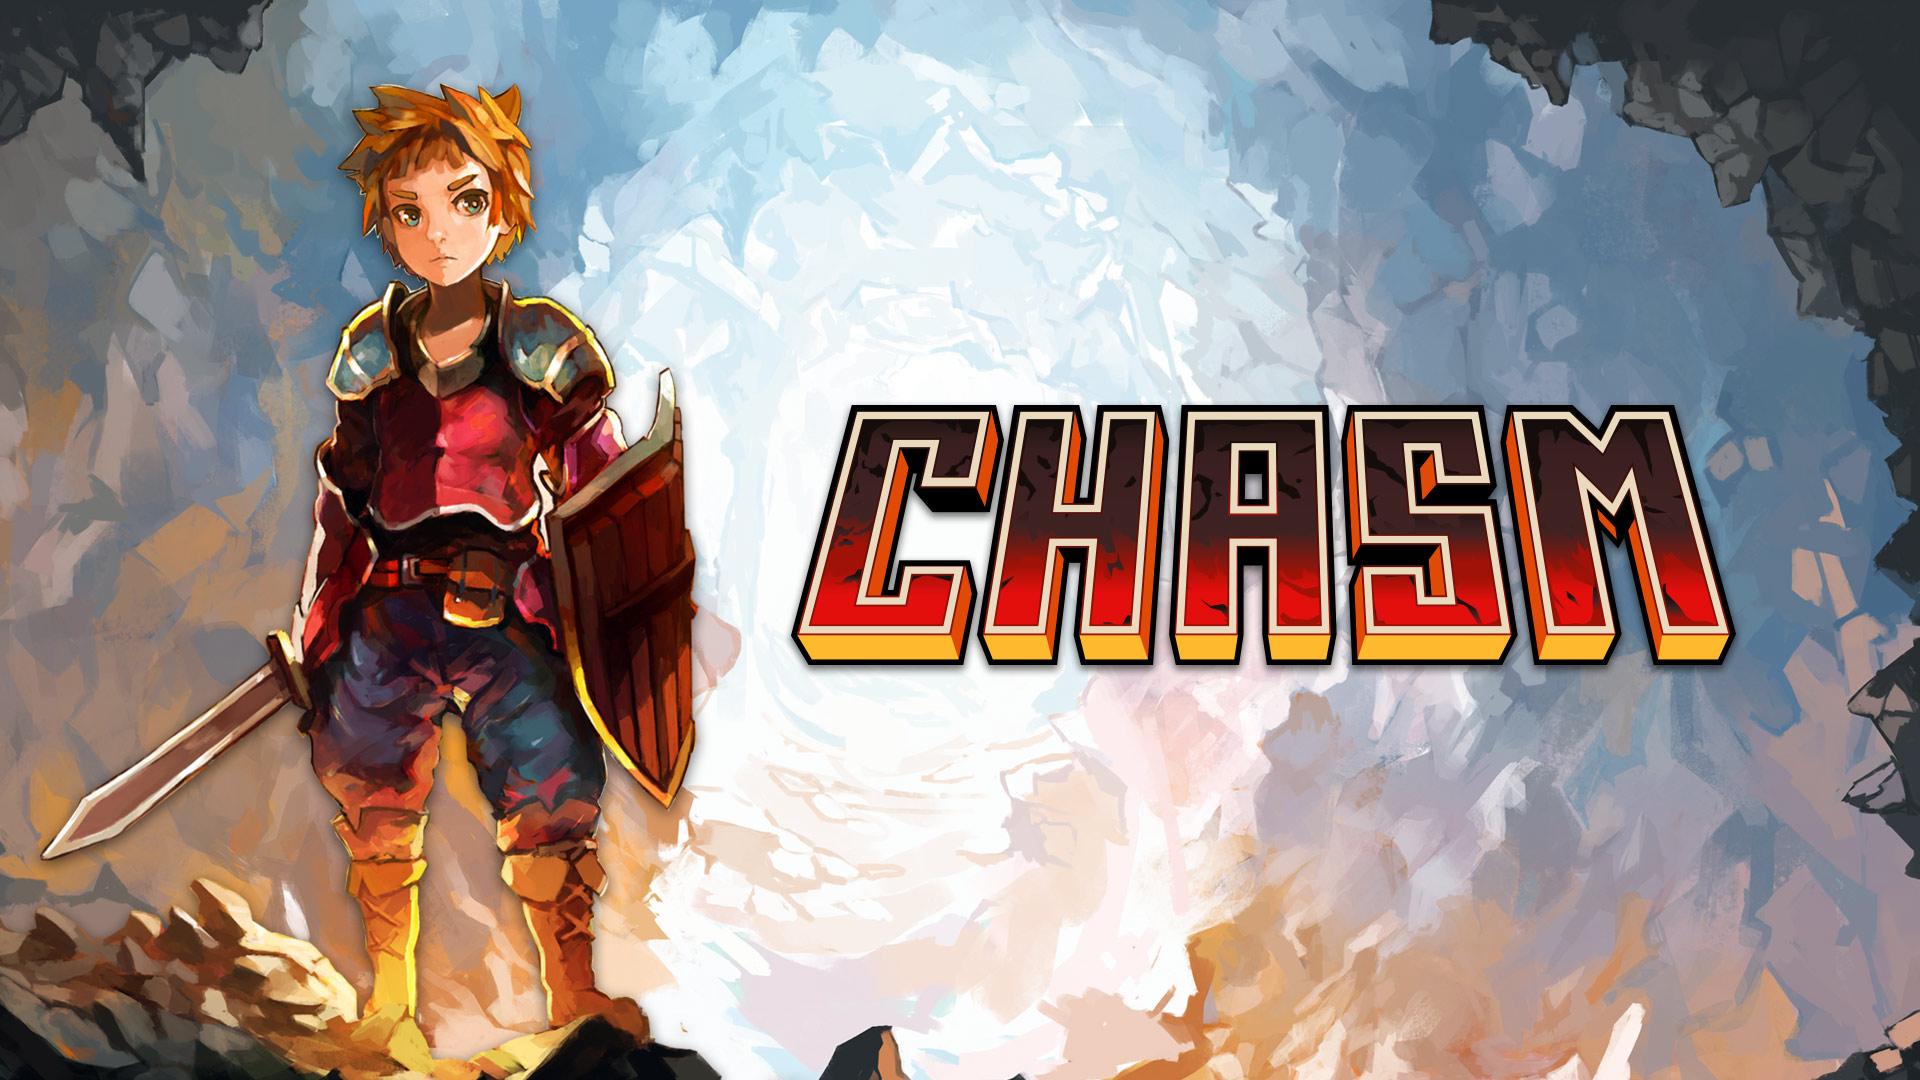 Chasm recebe atualização 1.076; veja os patch notes - PSX Brasil